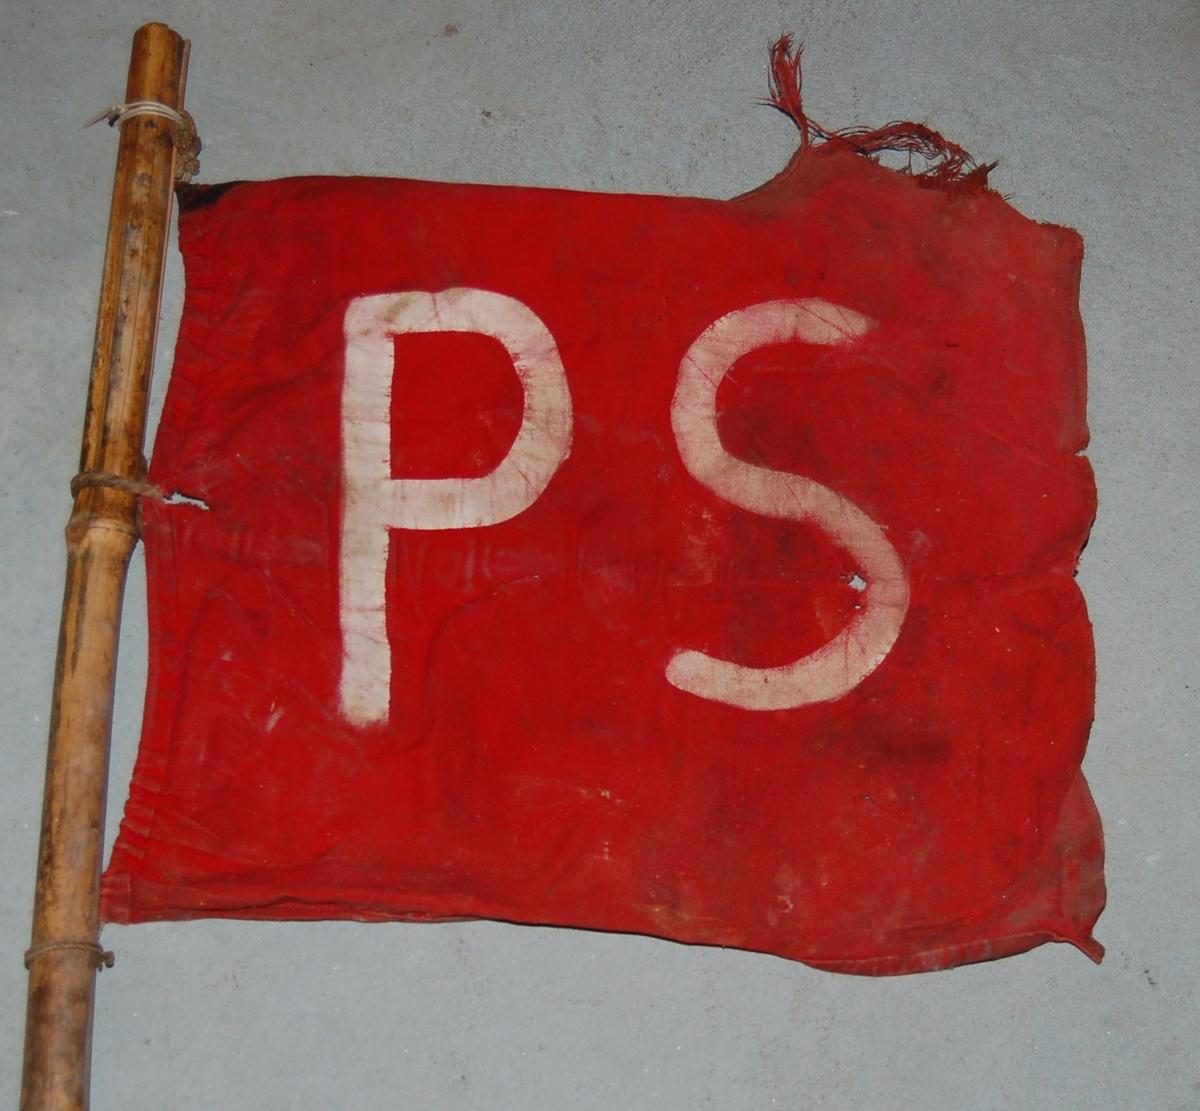 Flagg som regel påmalt skipet sin forbokstav, og festet til en stang av bambus til markering av skinndunger liggende på isen.